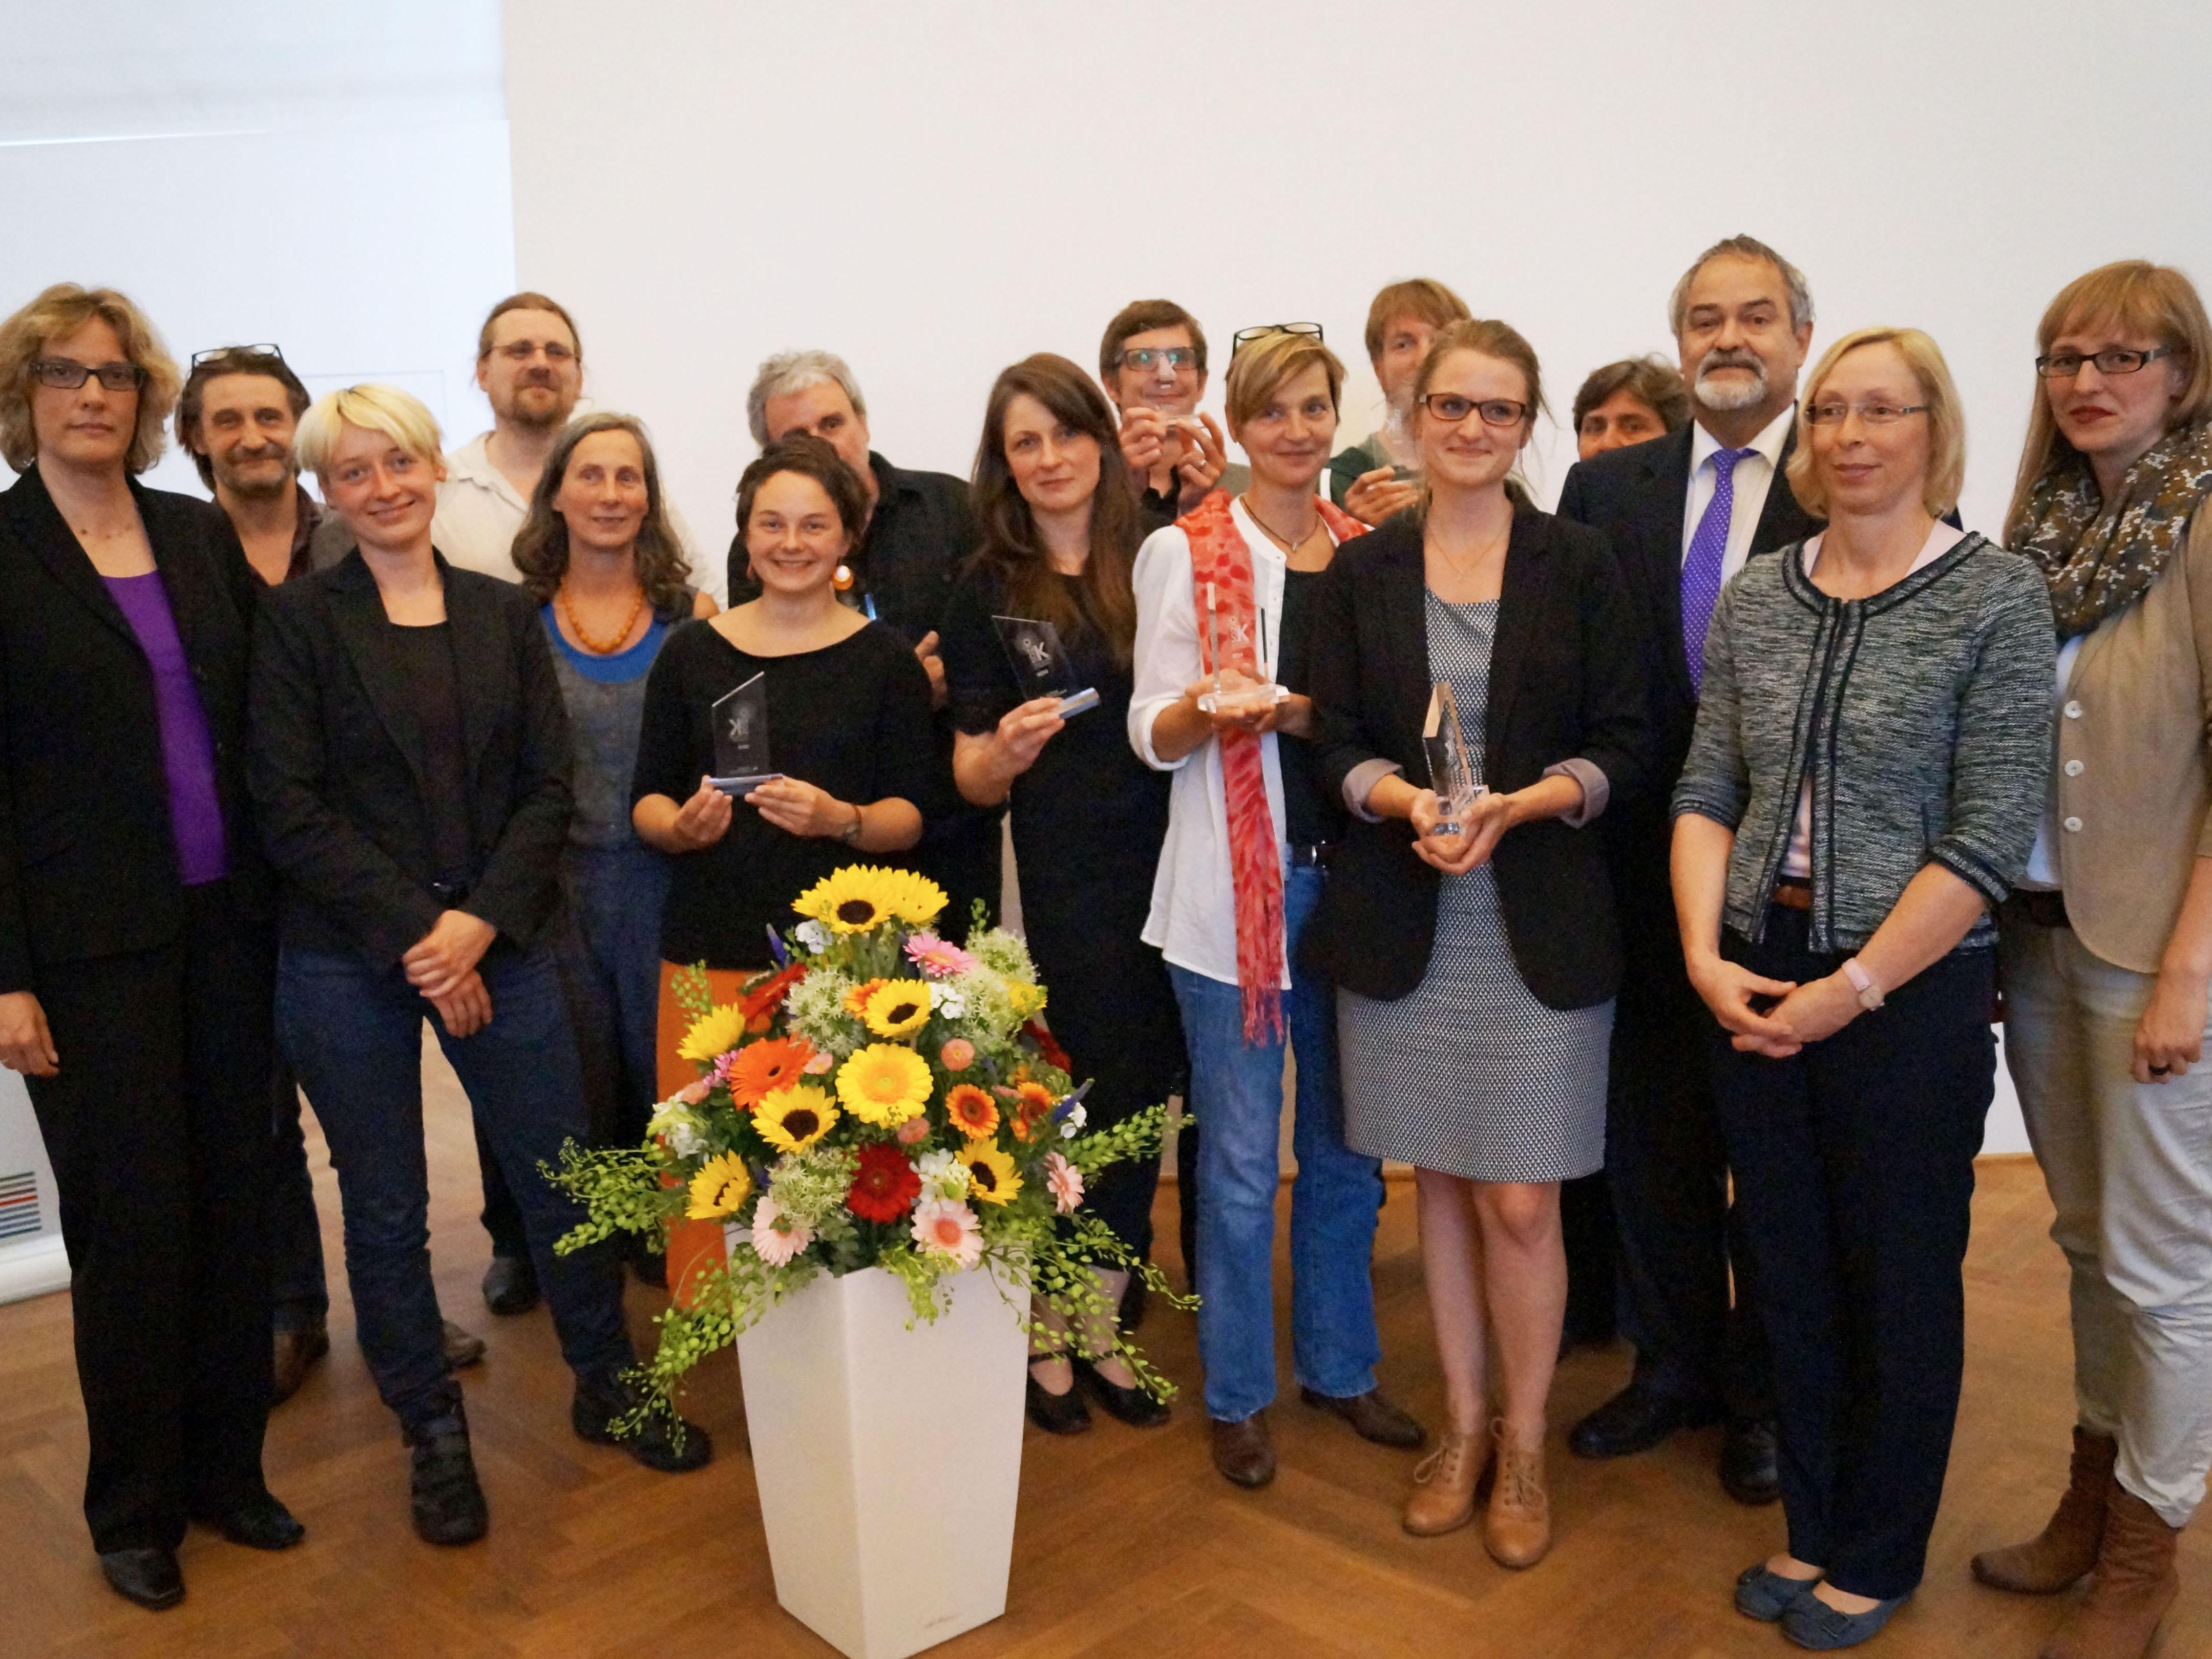 Eine Gruppe von Menschen vor einem Blumenkübel, sieben von ihnen halten eine Trophäe in der Hand.